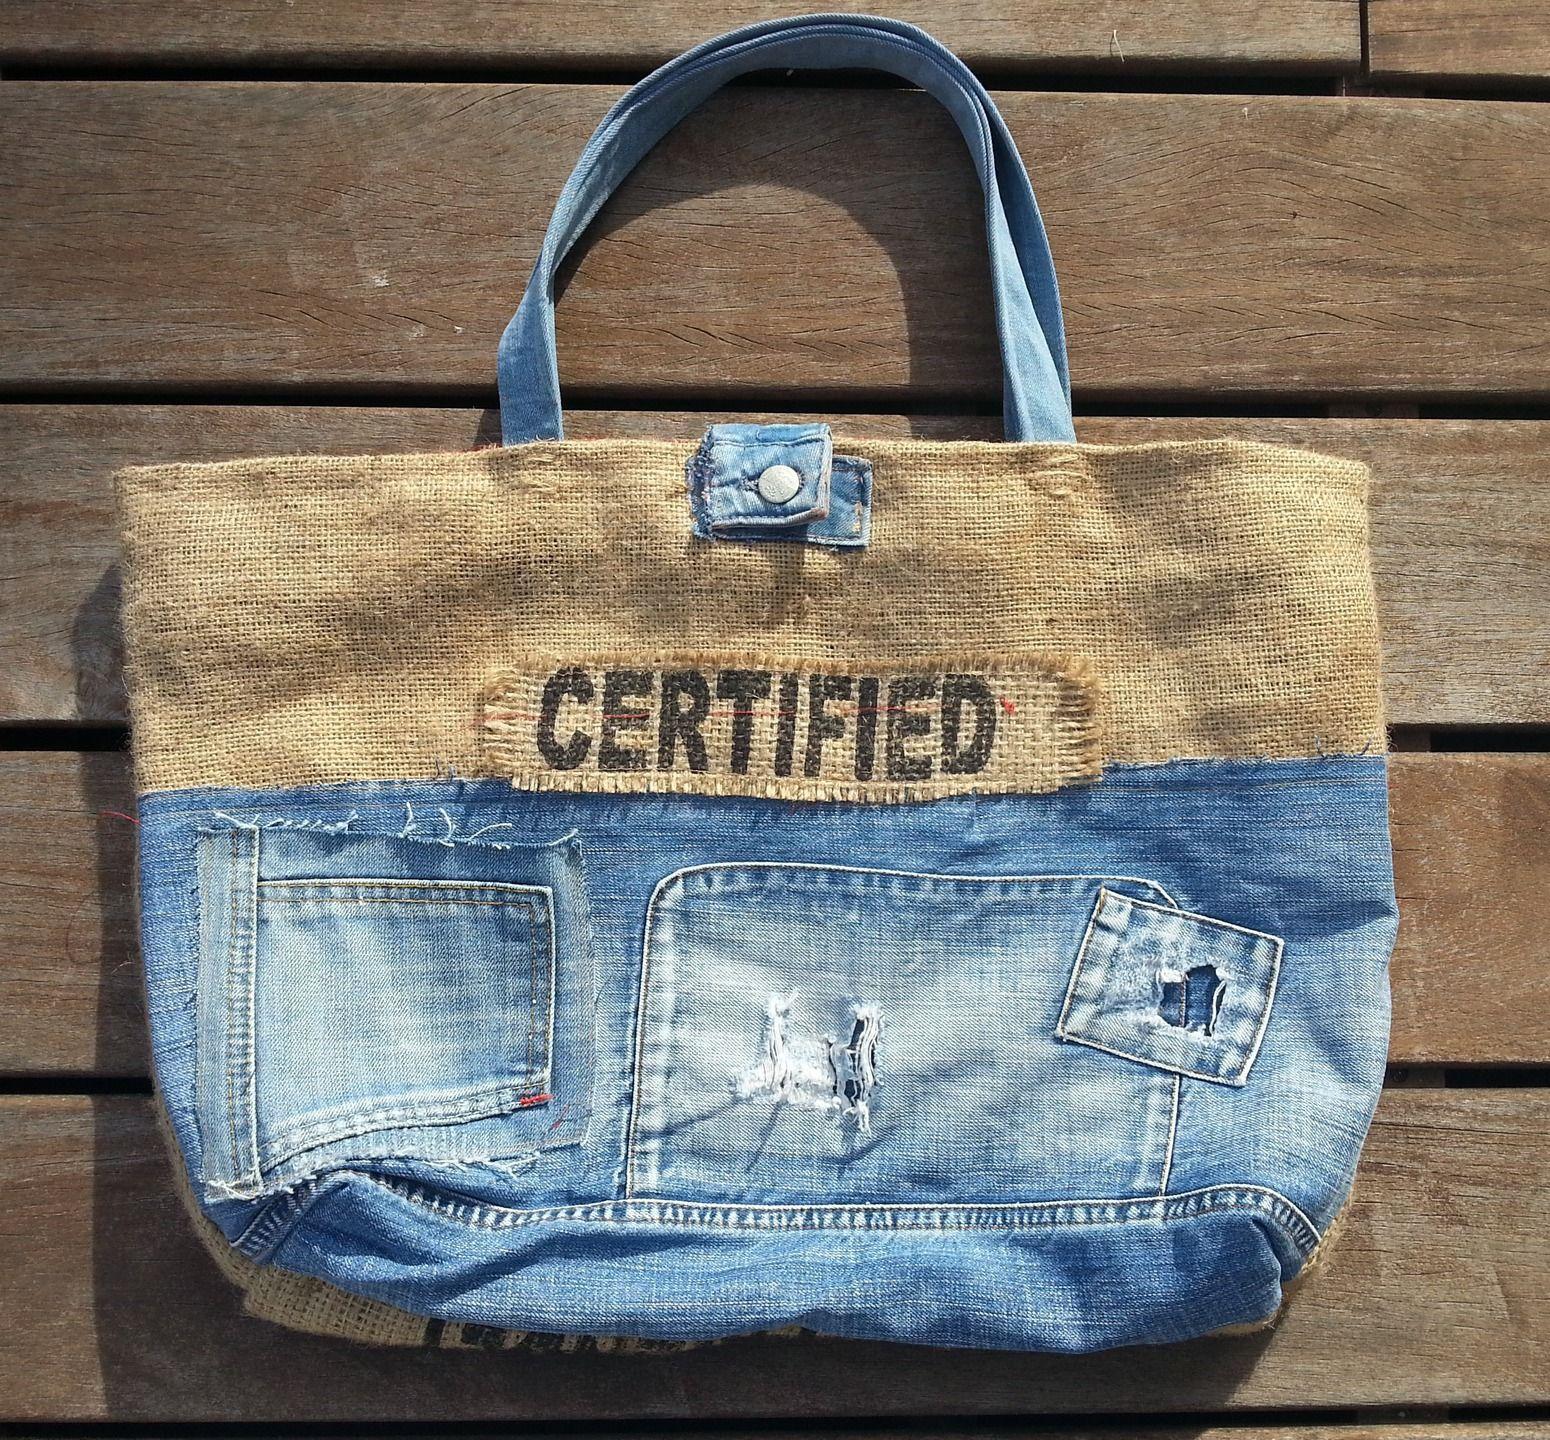 sac cabas xl en toile de jute et patchwork jeans sacs main par les damotes jeans. Black Bedroom Furniture Sets. Home Design Ideas